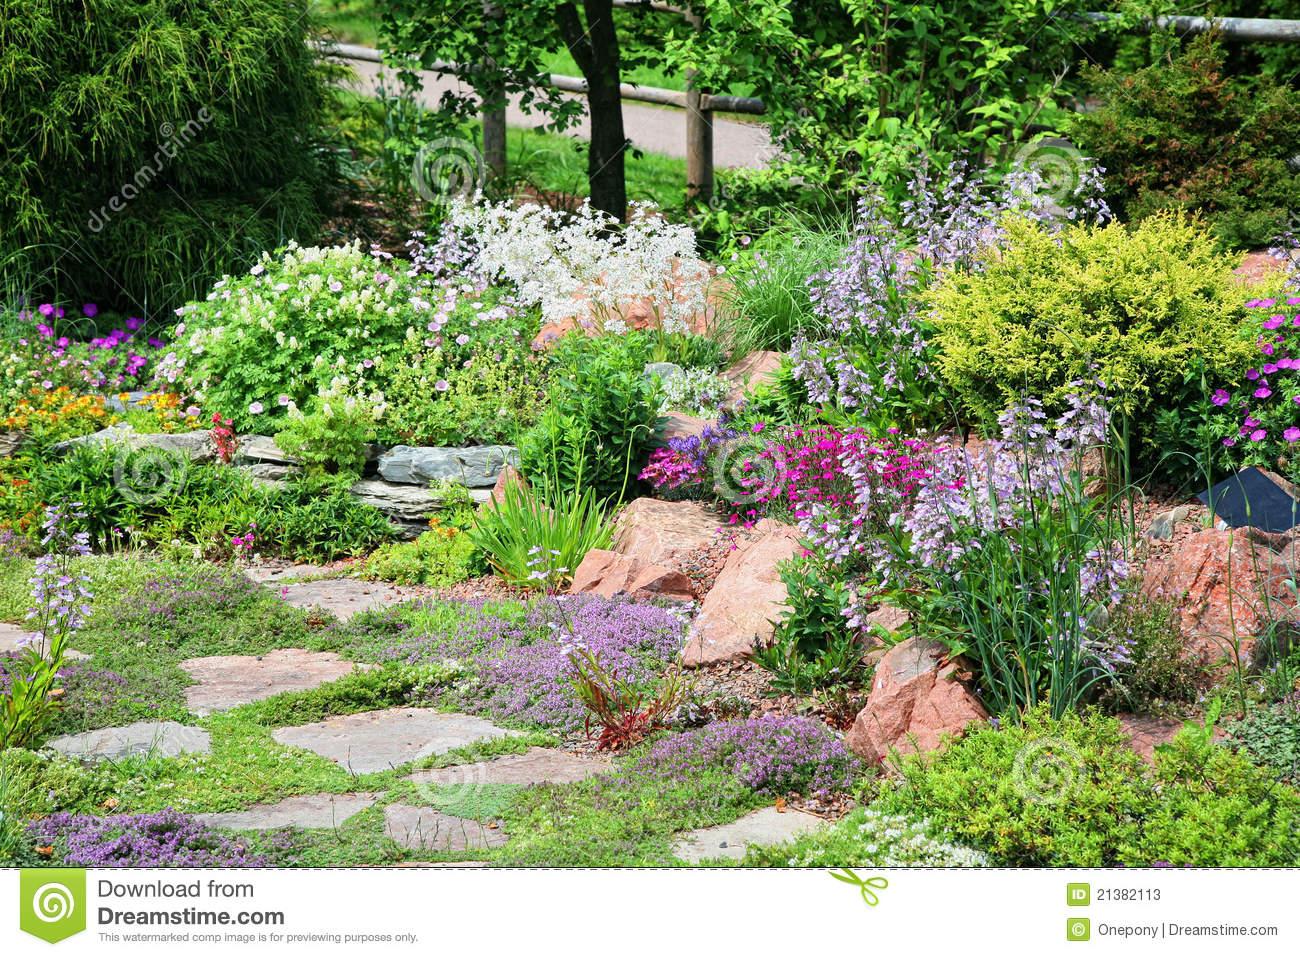 delle piante fiorite di diversi color in un giardino